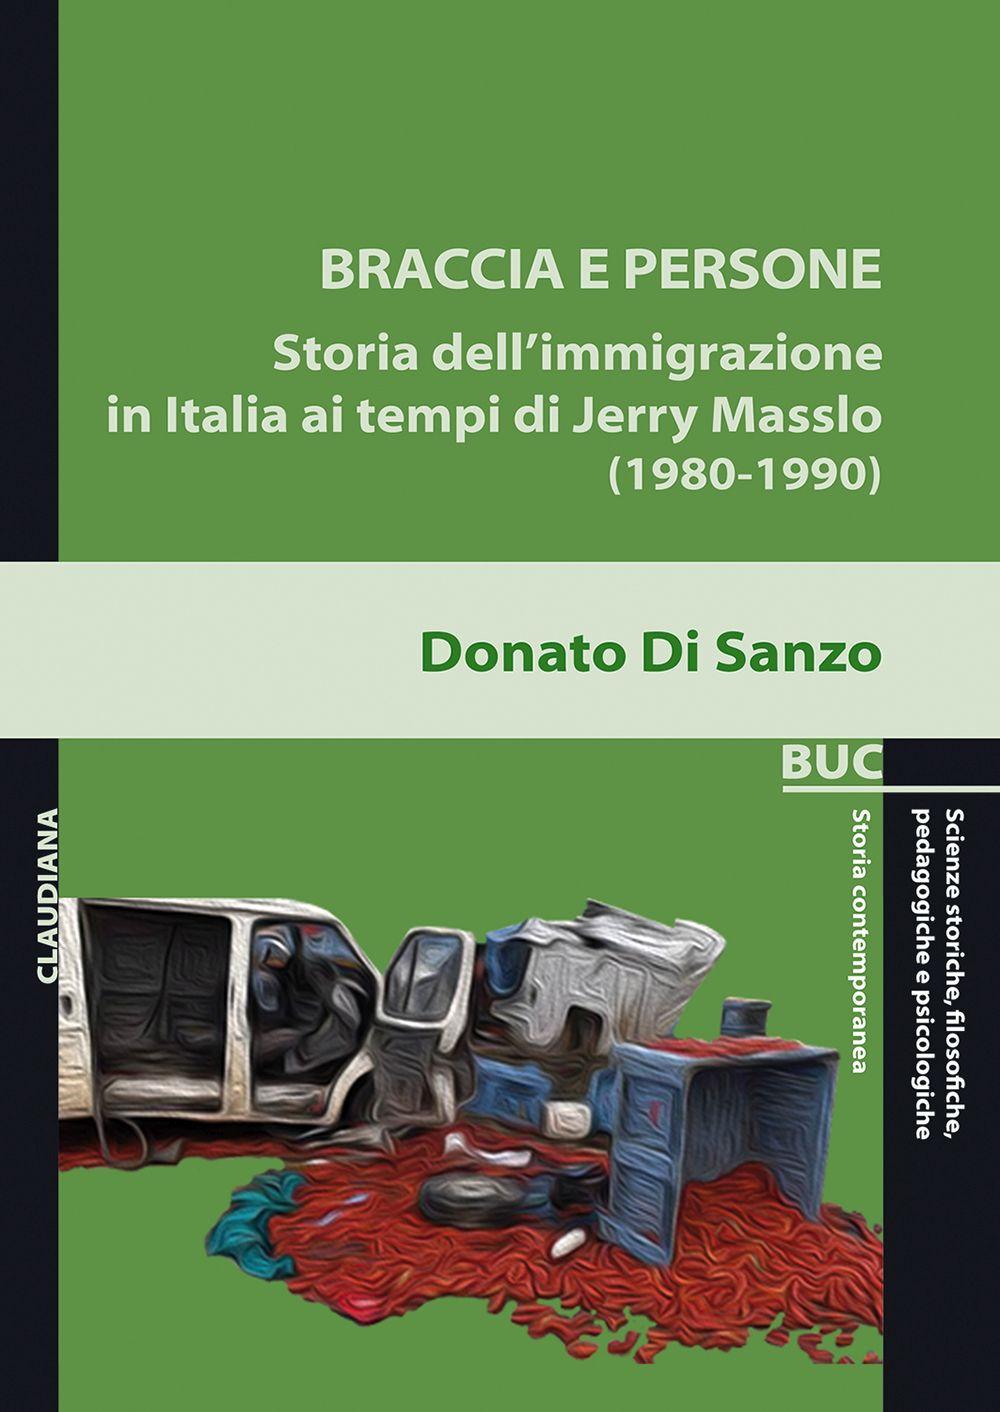 Braccia e persone. Storia dell'immigrazione in Italia ai tempi di Jerry Masslo (1980-1990)